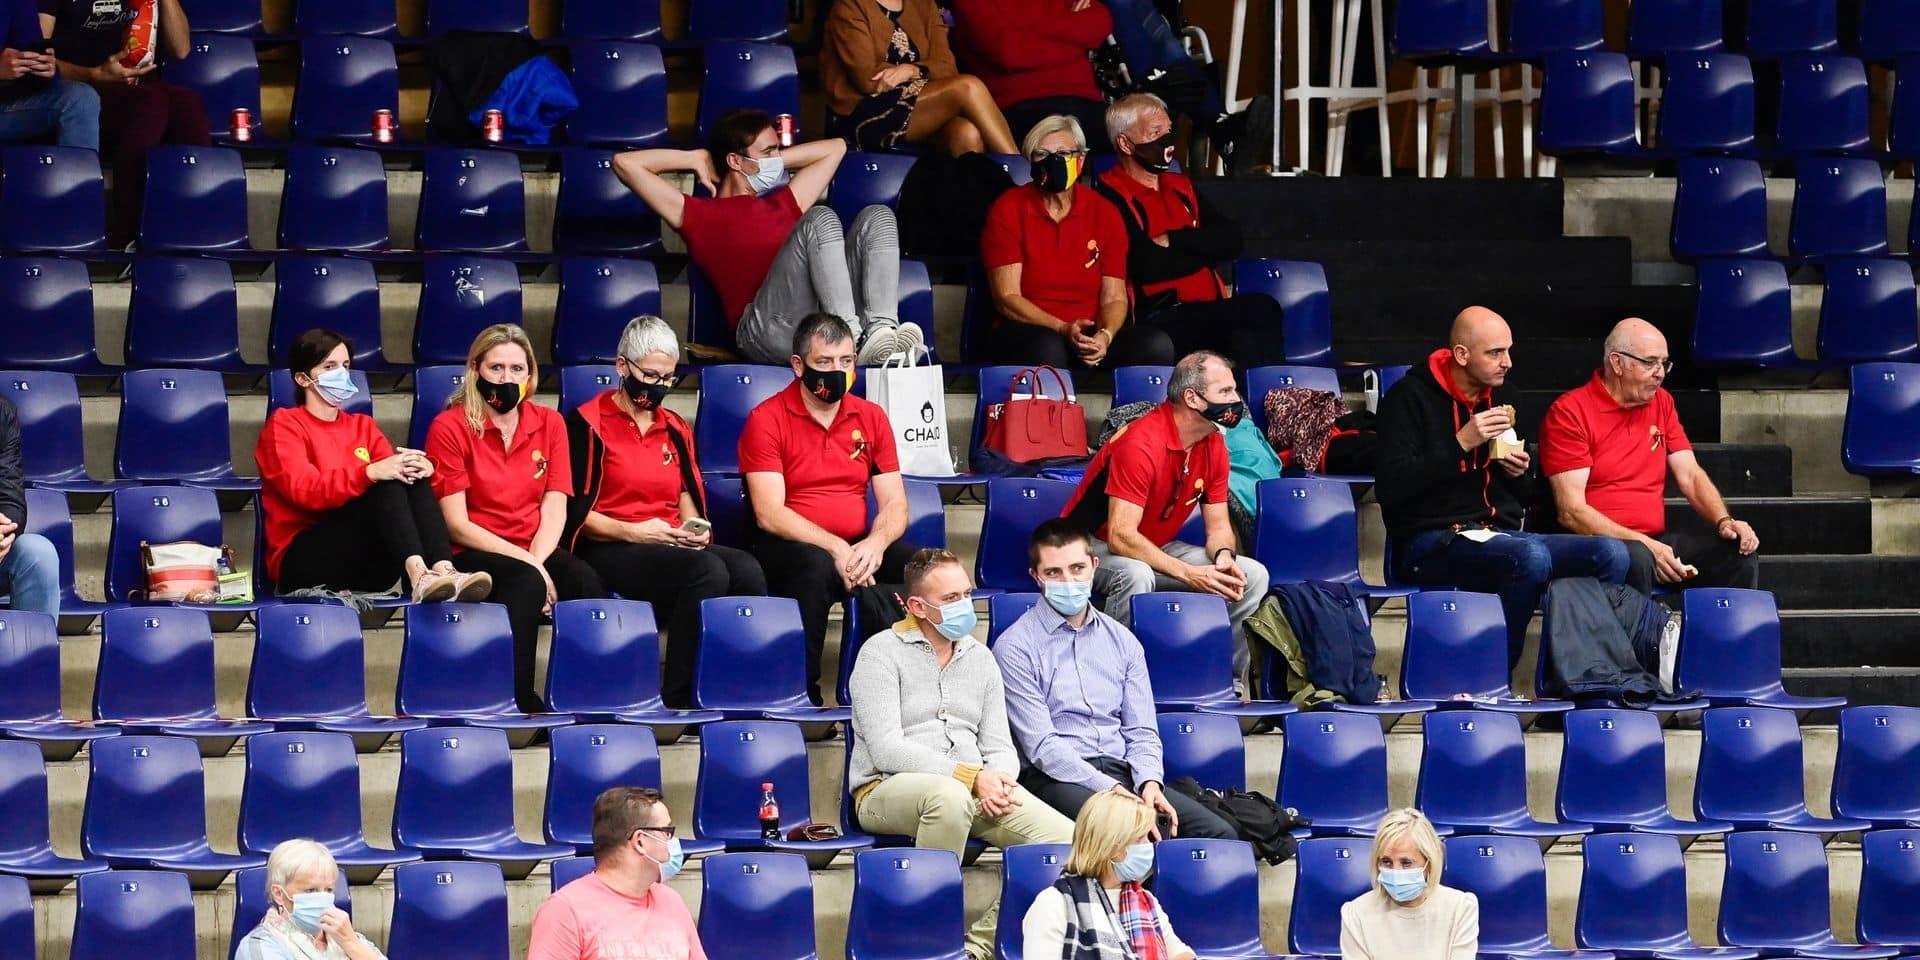 European Open d'Anvers: le public autorisé ce vendredi mais pas samedi et dimanche